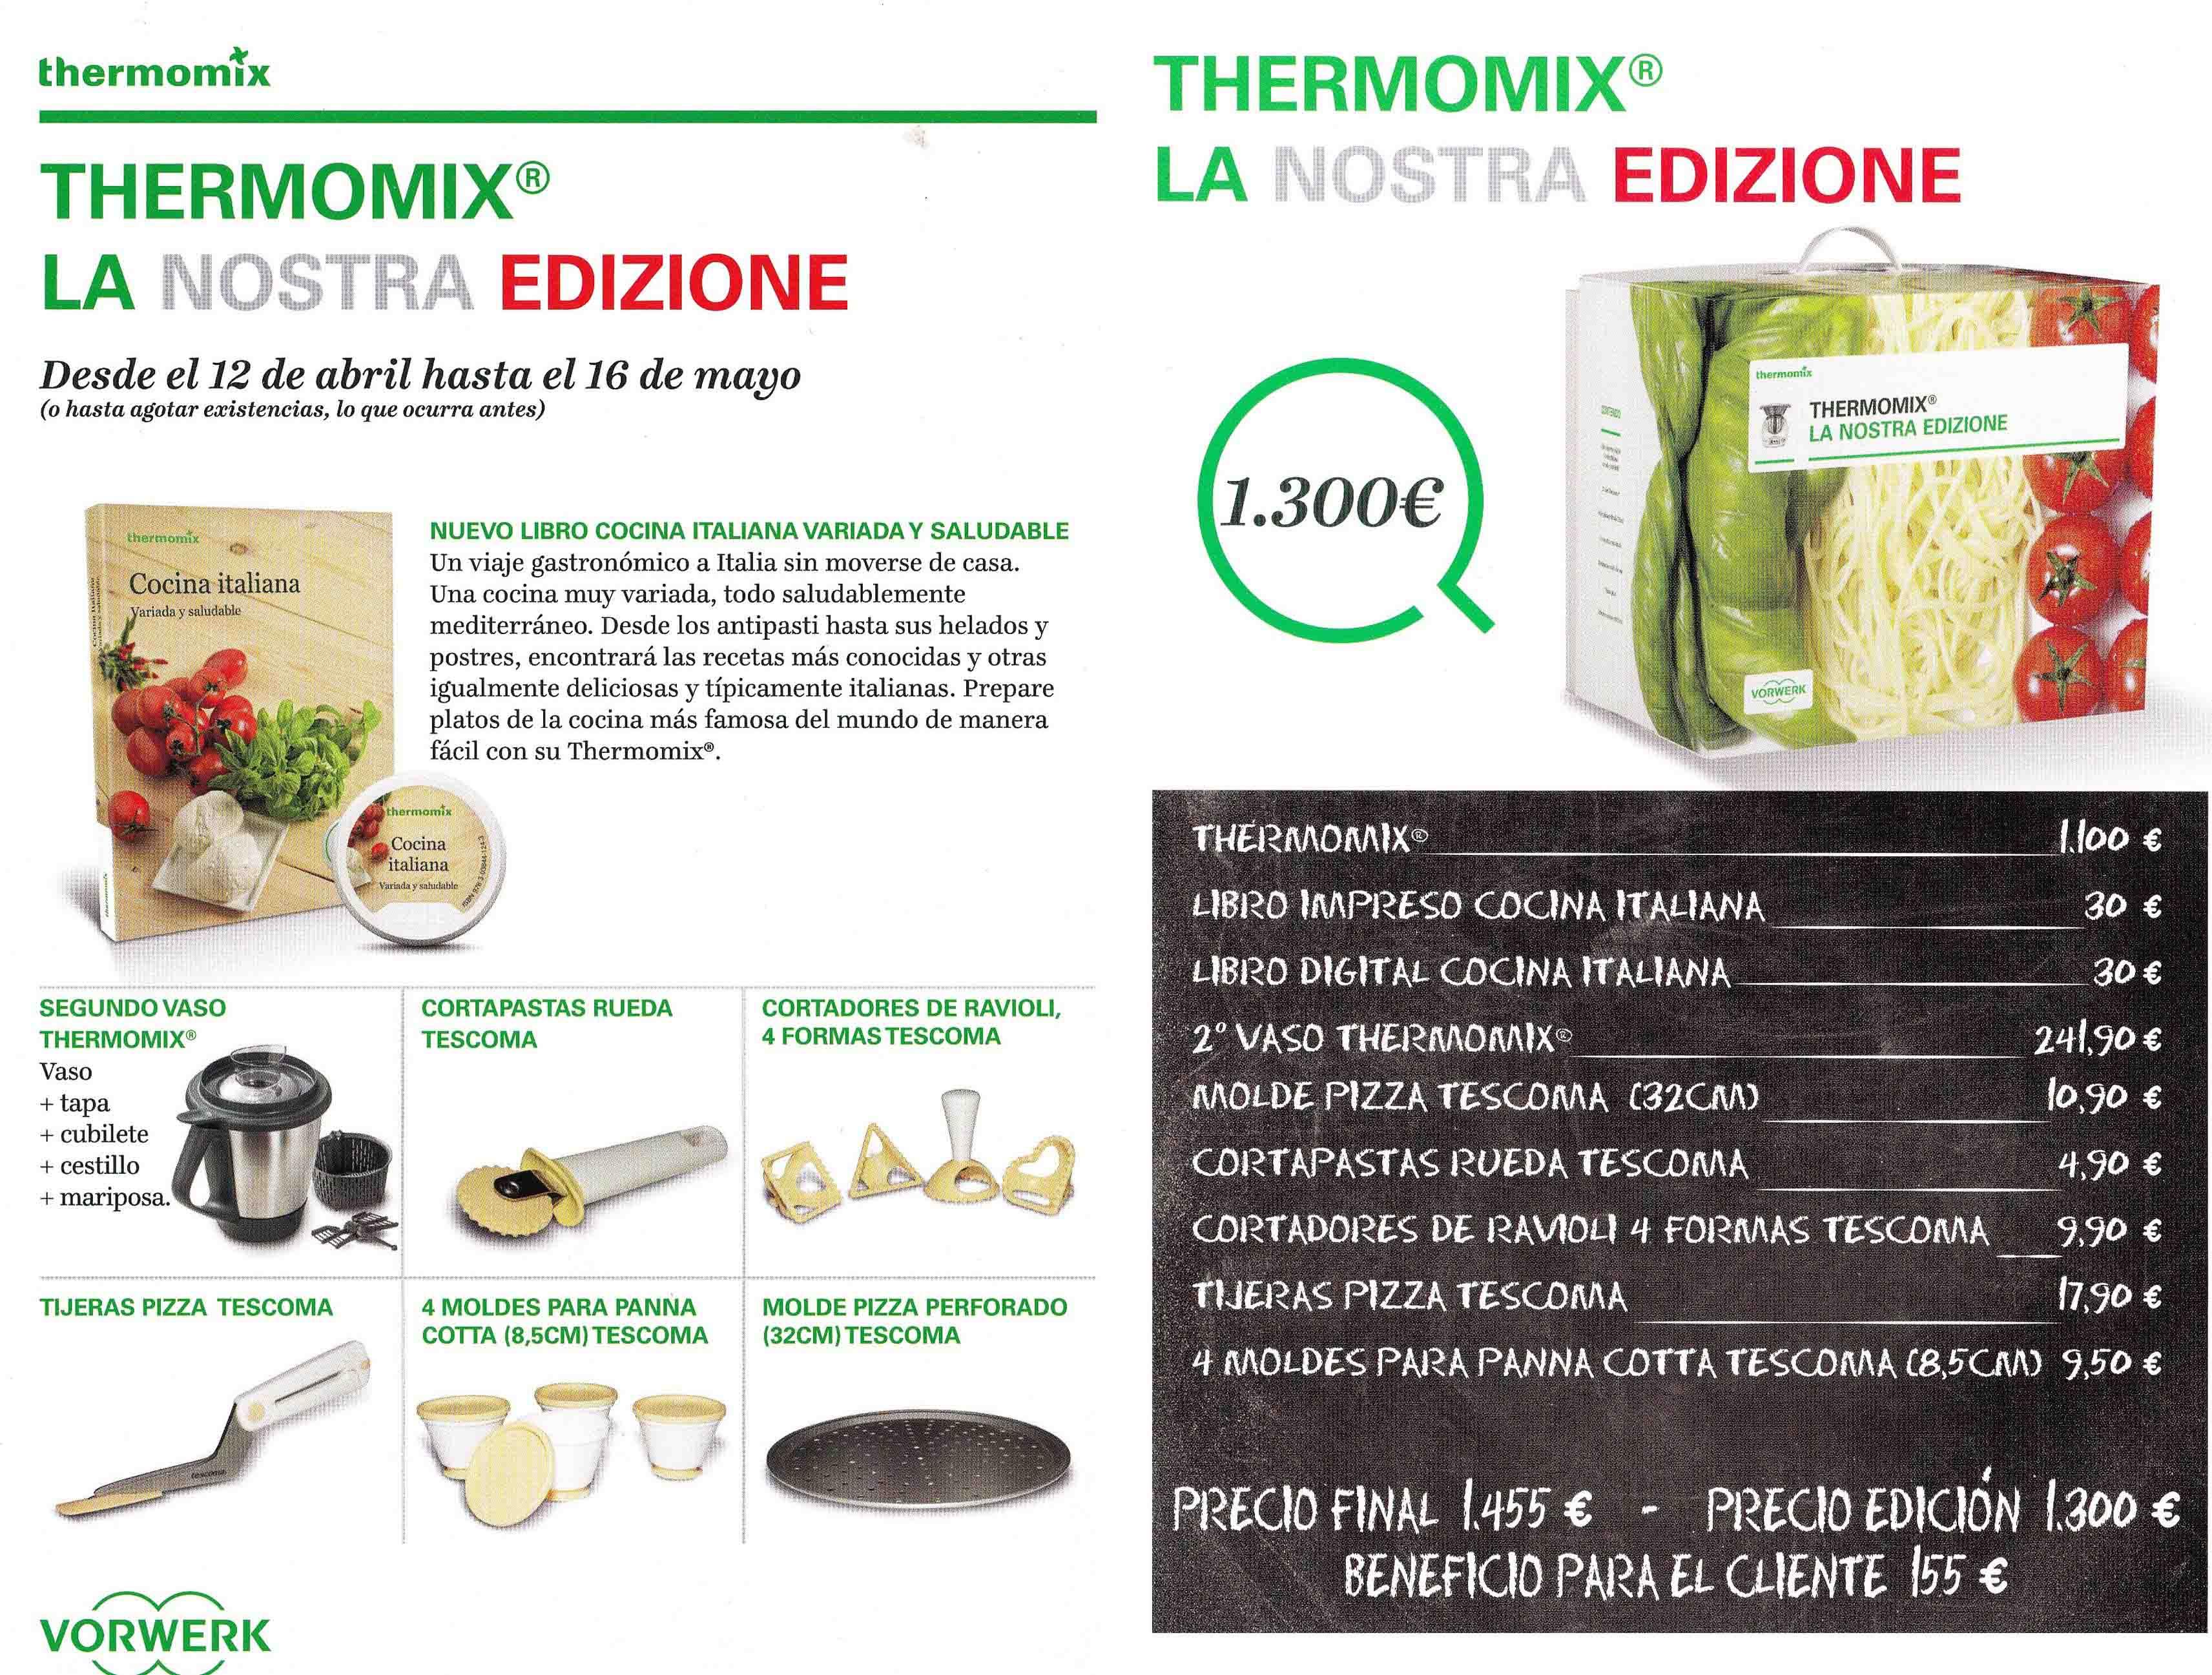 ¡NUEVA EDICIÓN Thermomix® : LA NOSTRA EDIZIONE!